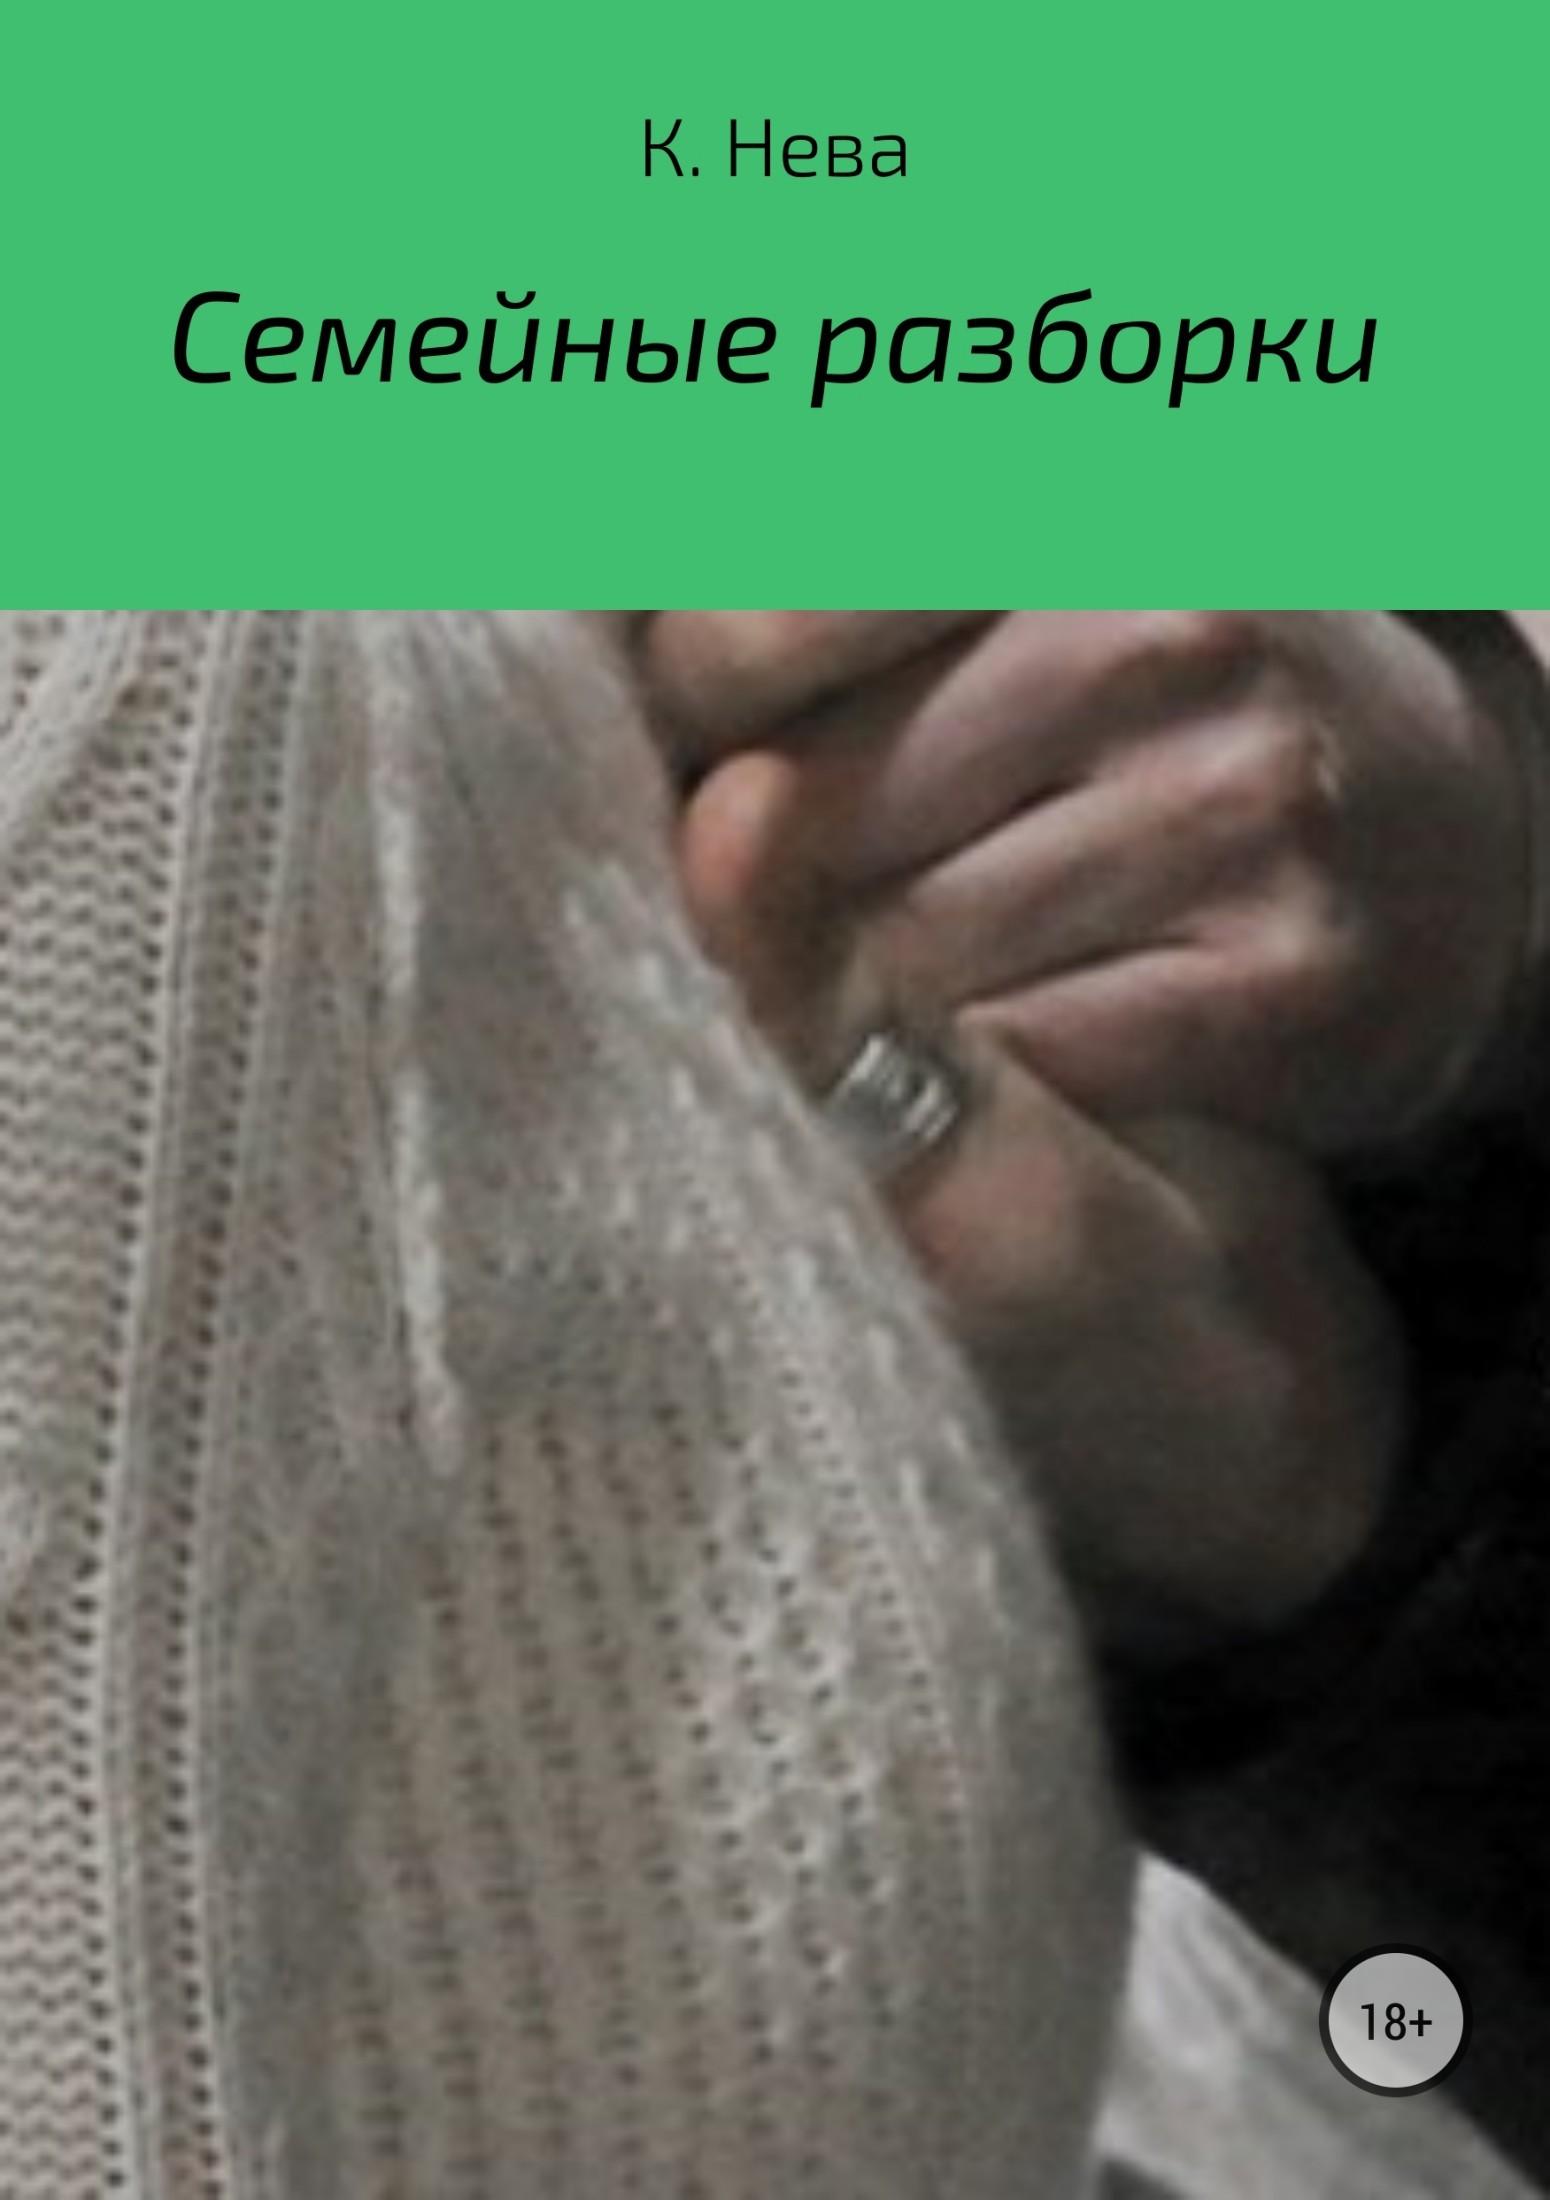 Катя Нева Семейные разборки секретная точка моды волна г жа дуплекса красный бюстгальтер виктории secret виктории 343435 67r 32в